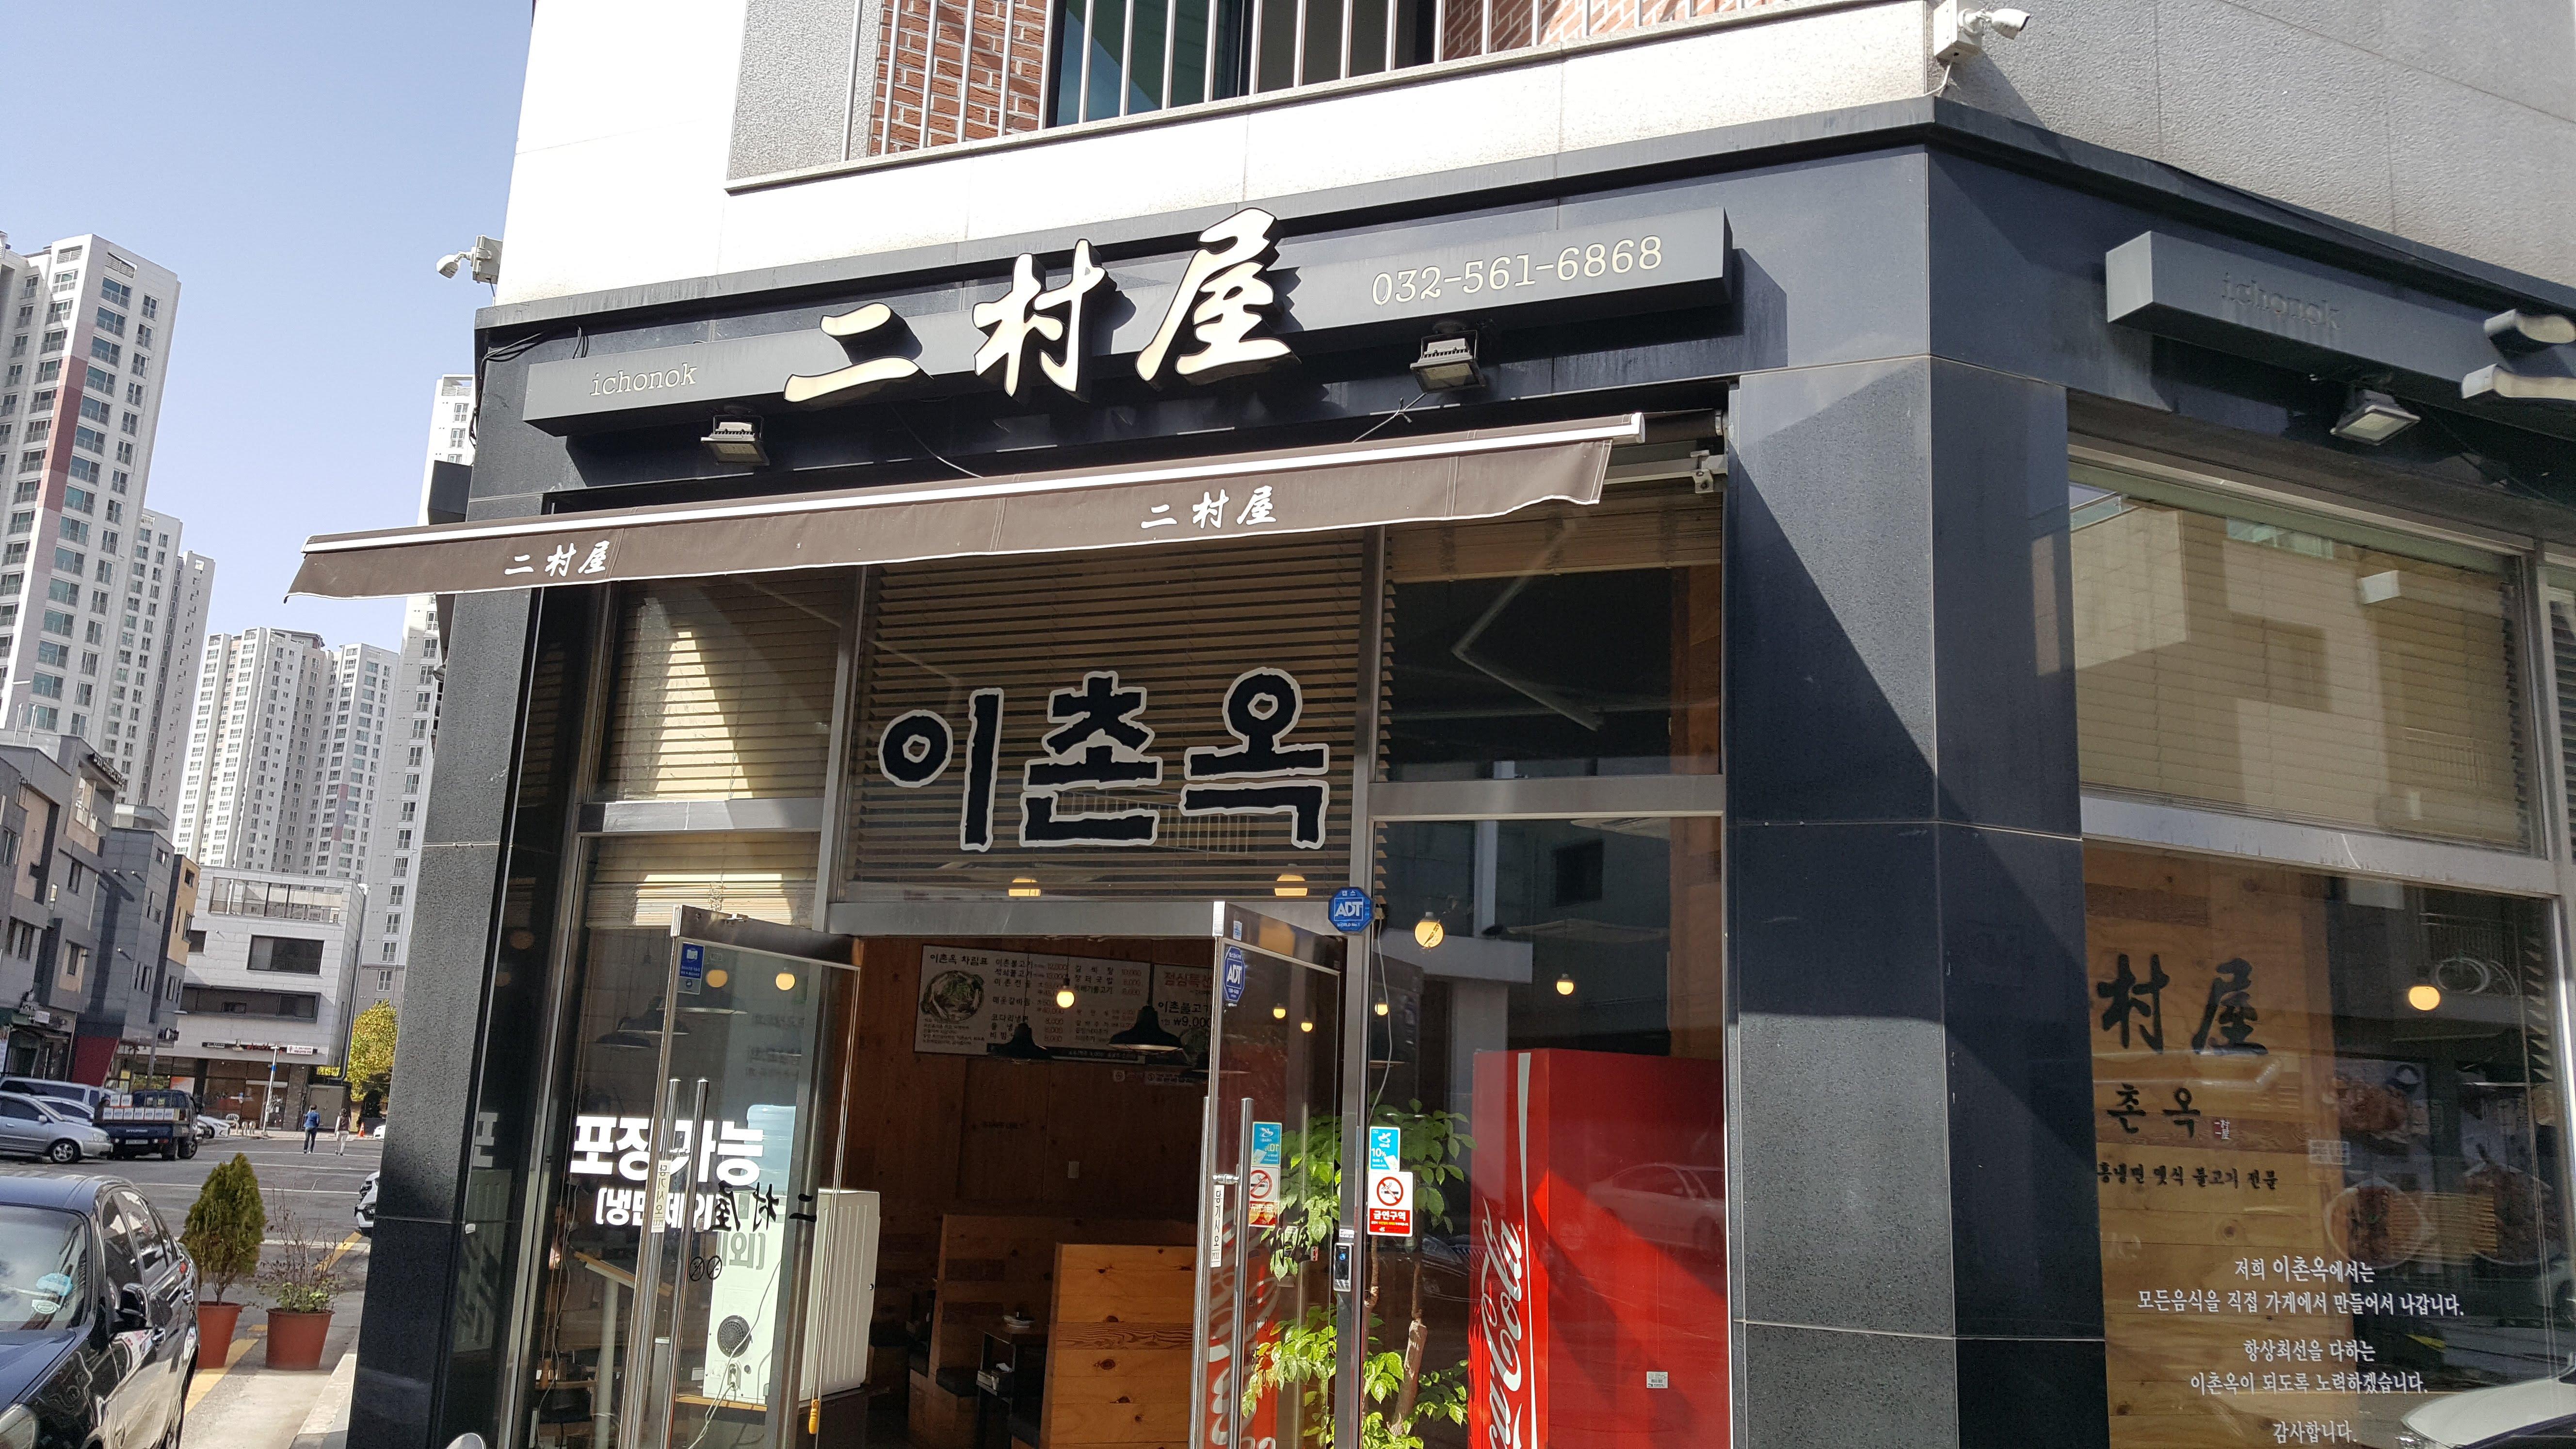 [인천 청라] 불고기와 냉면이 맛있는 청라 이촌옥